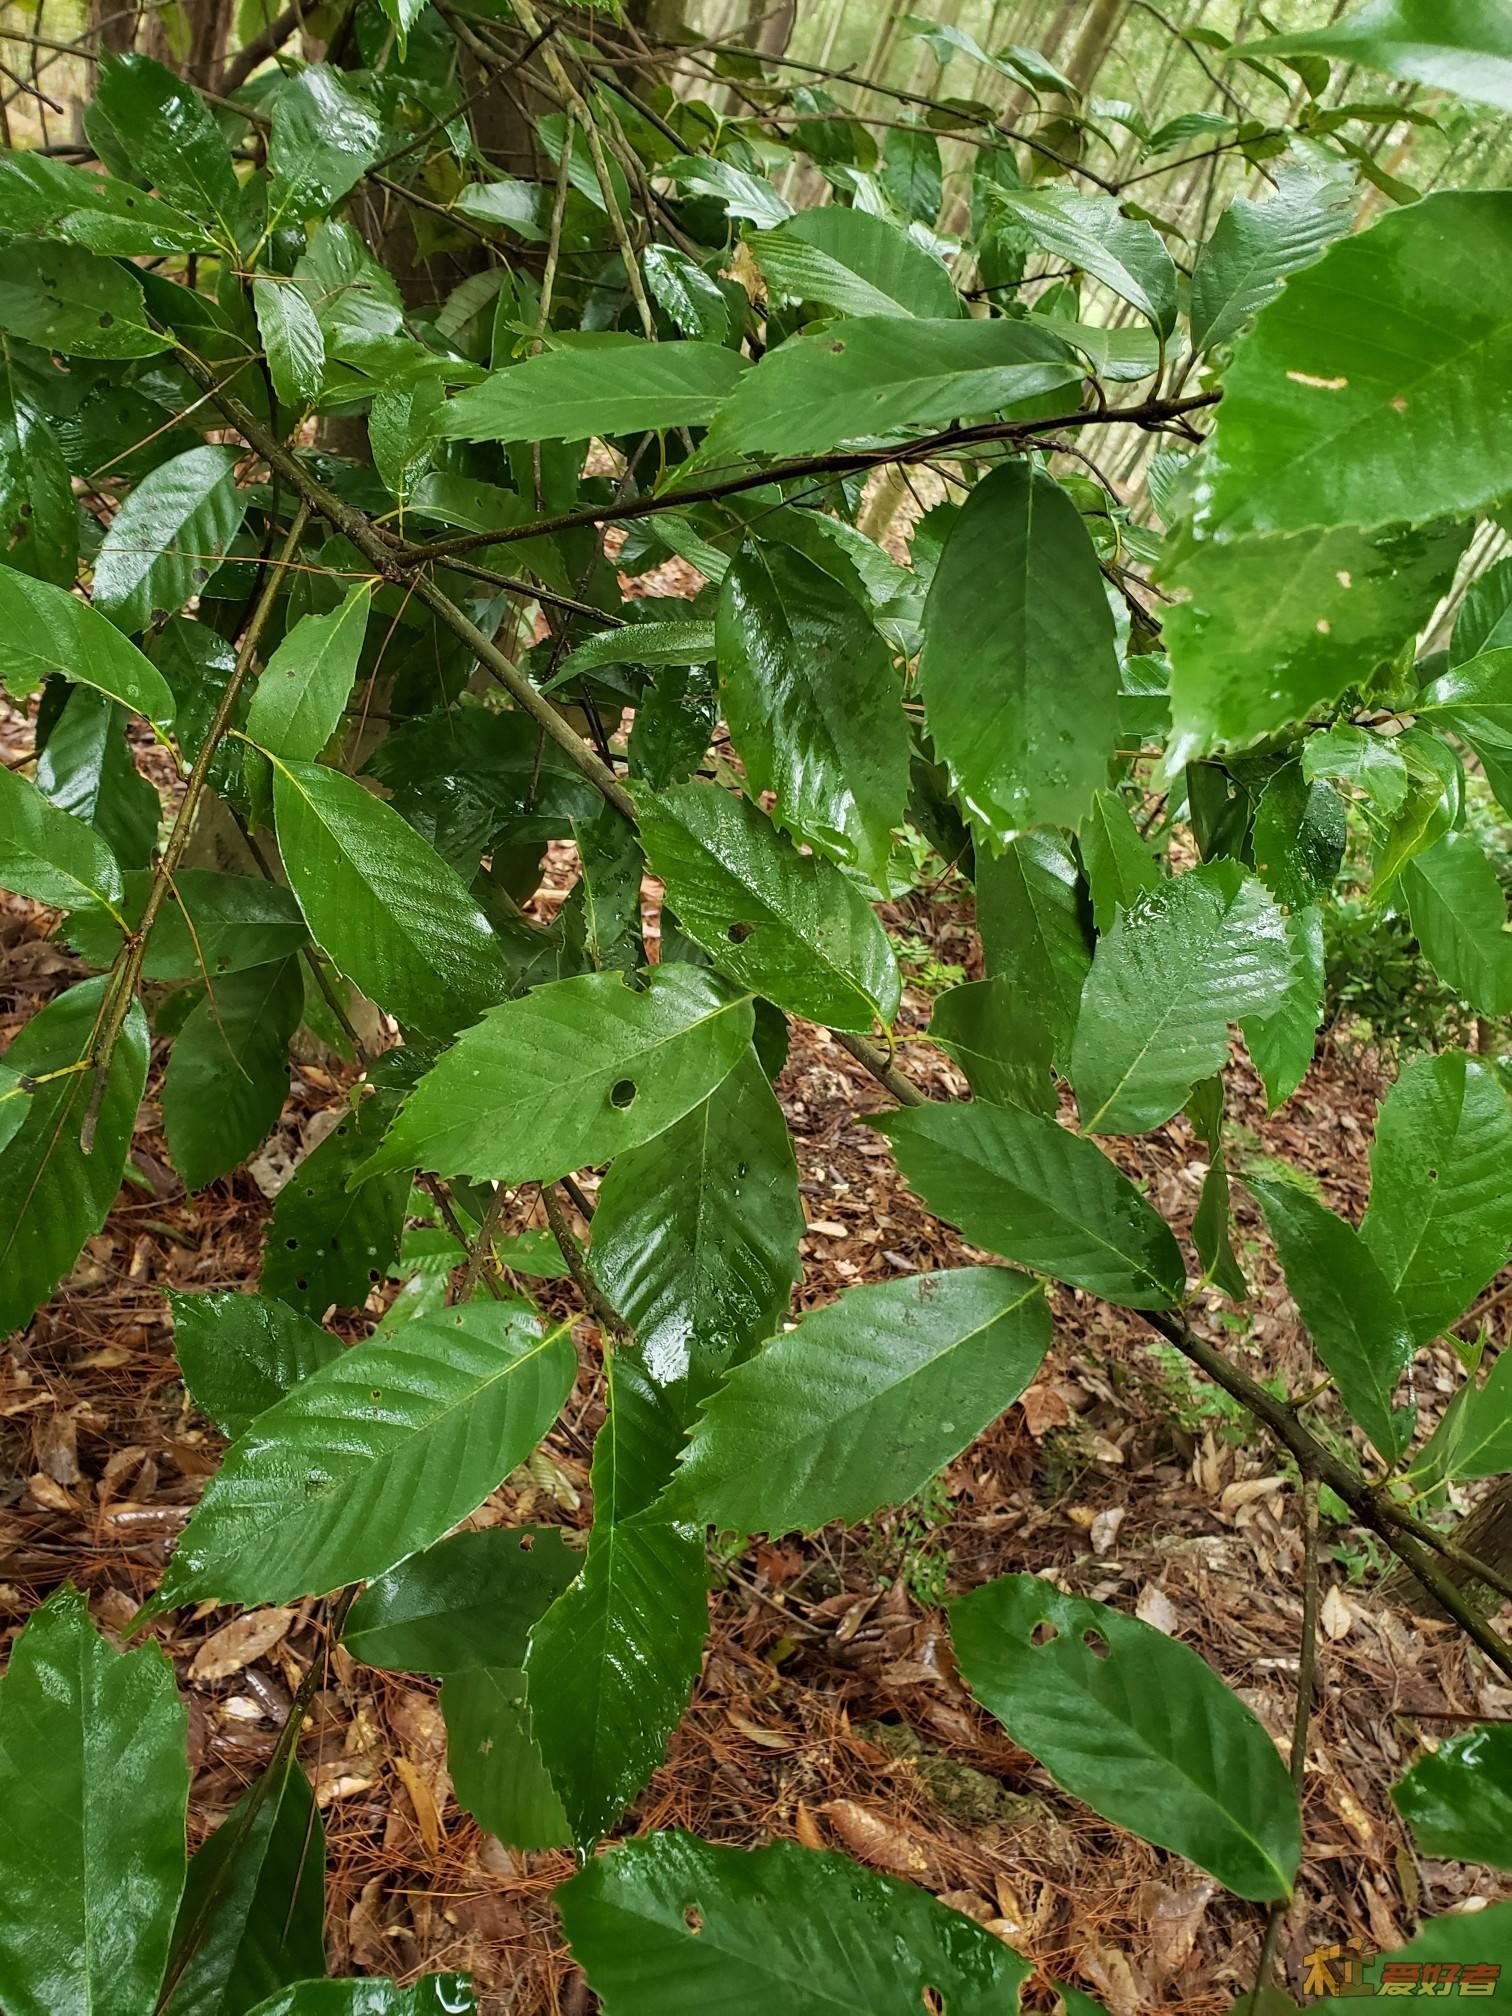 Quercus gilva seed